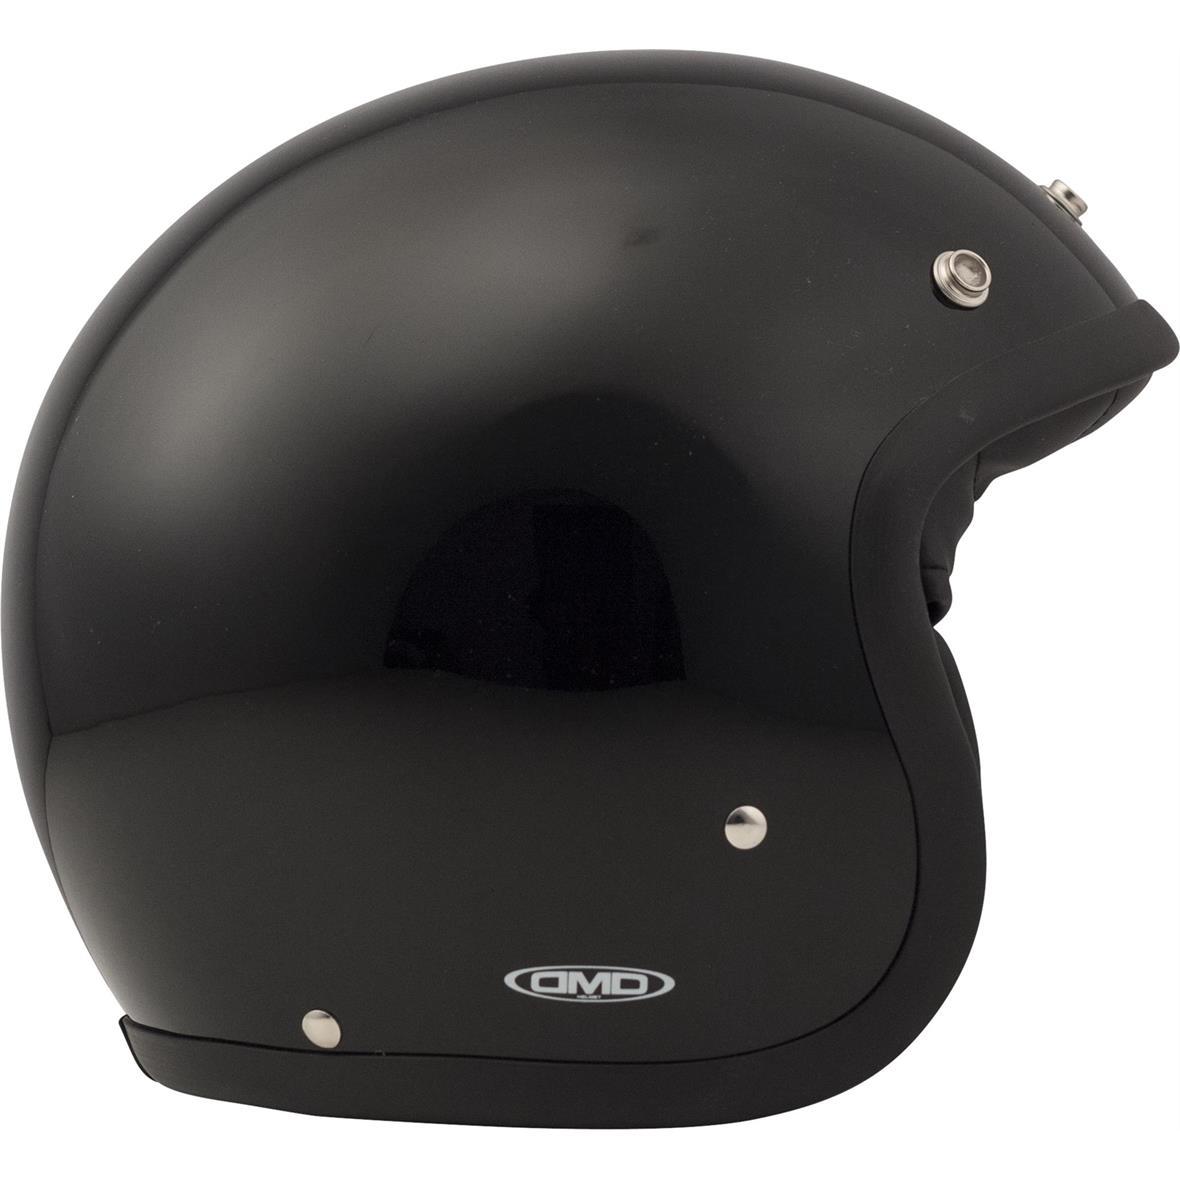 Product Image for 'Helmet DMD Vintage Solid BlackTitle'